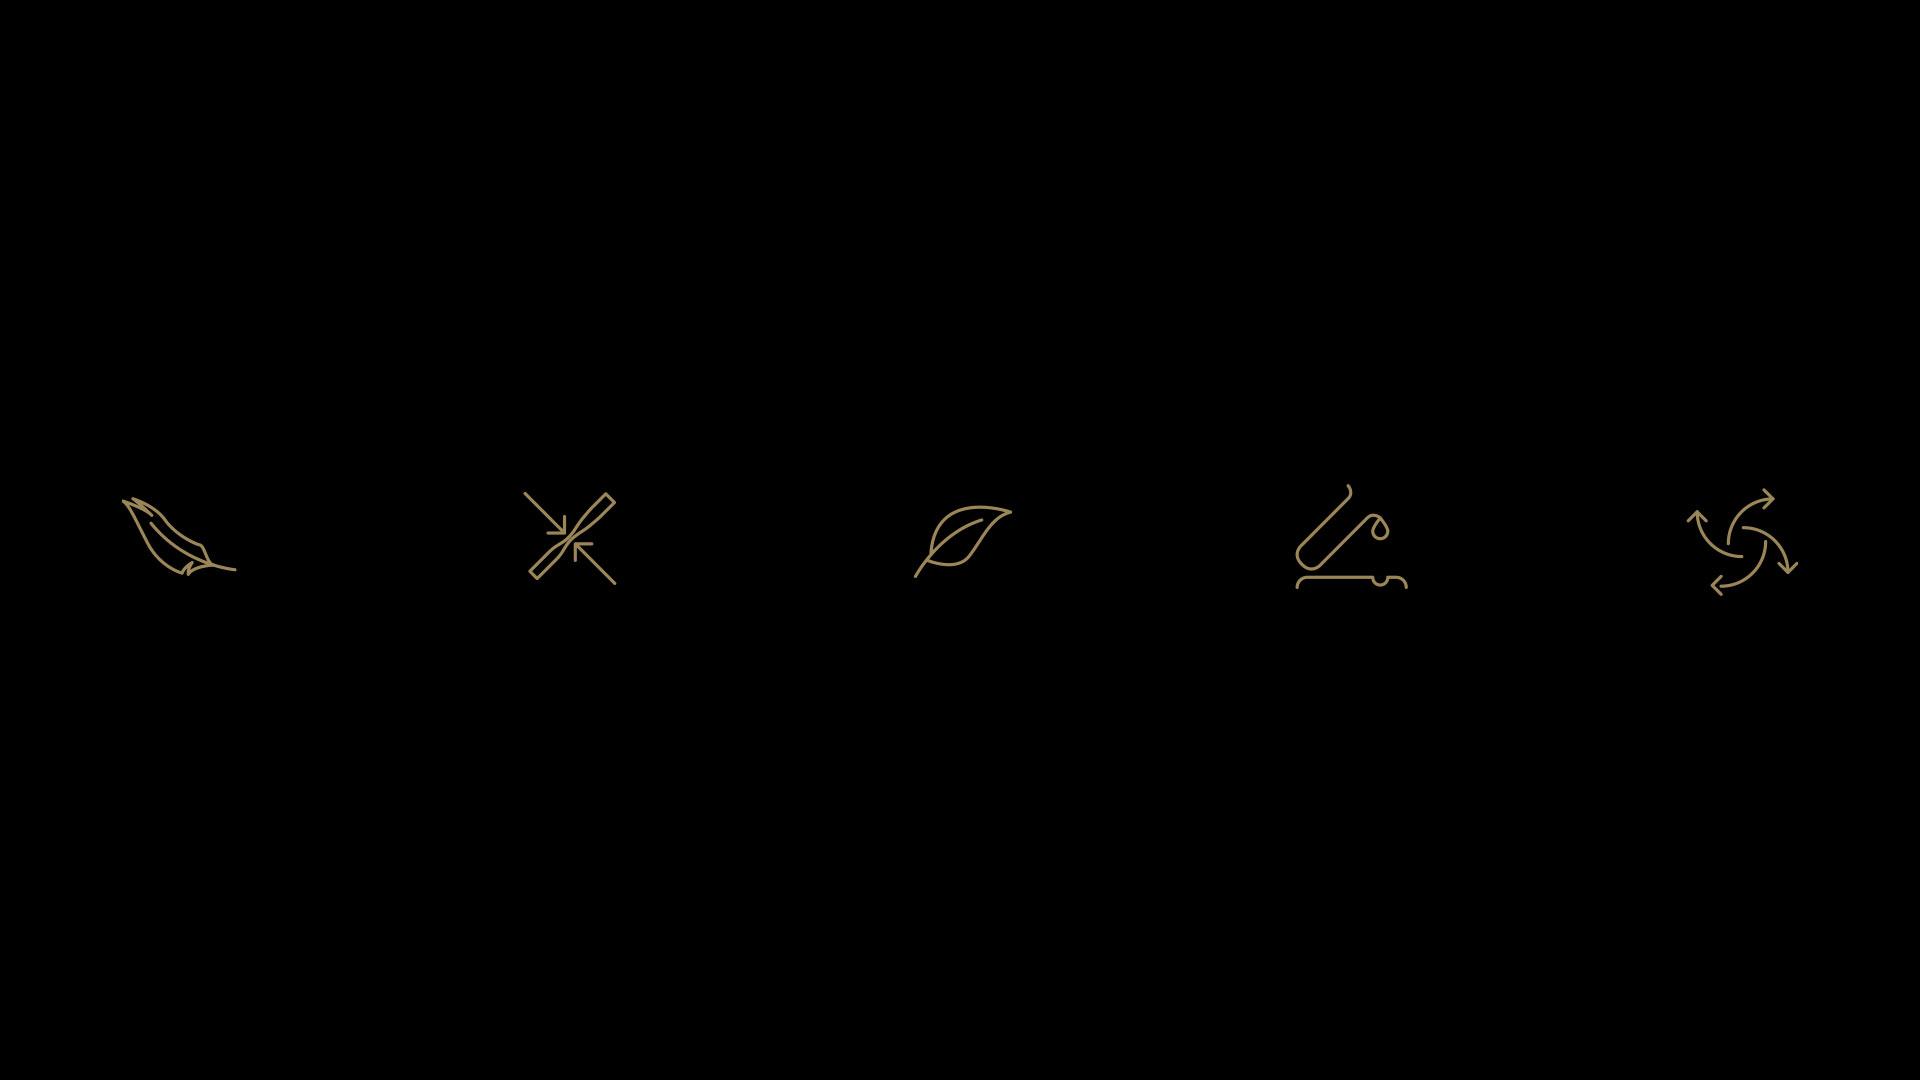 icone reflex marmoreflex grafico milano 06